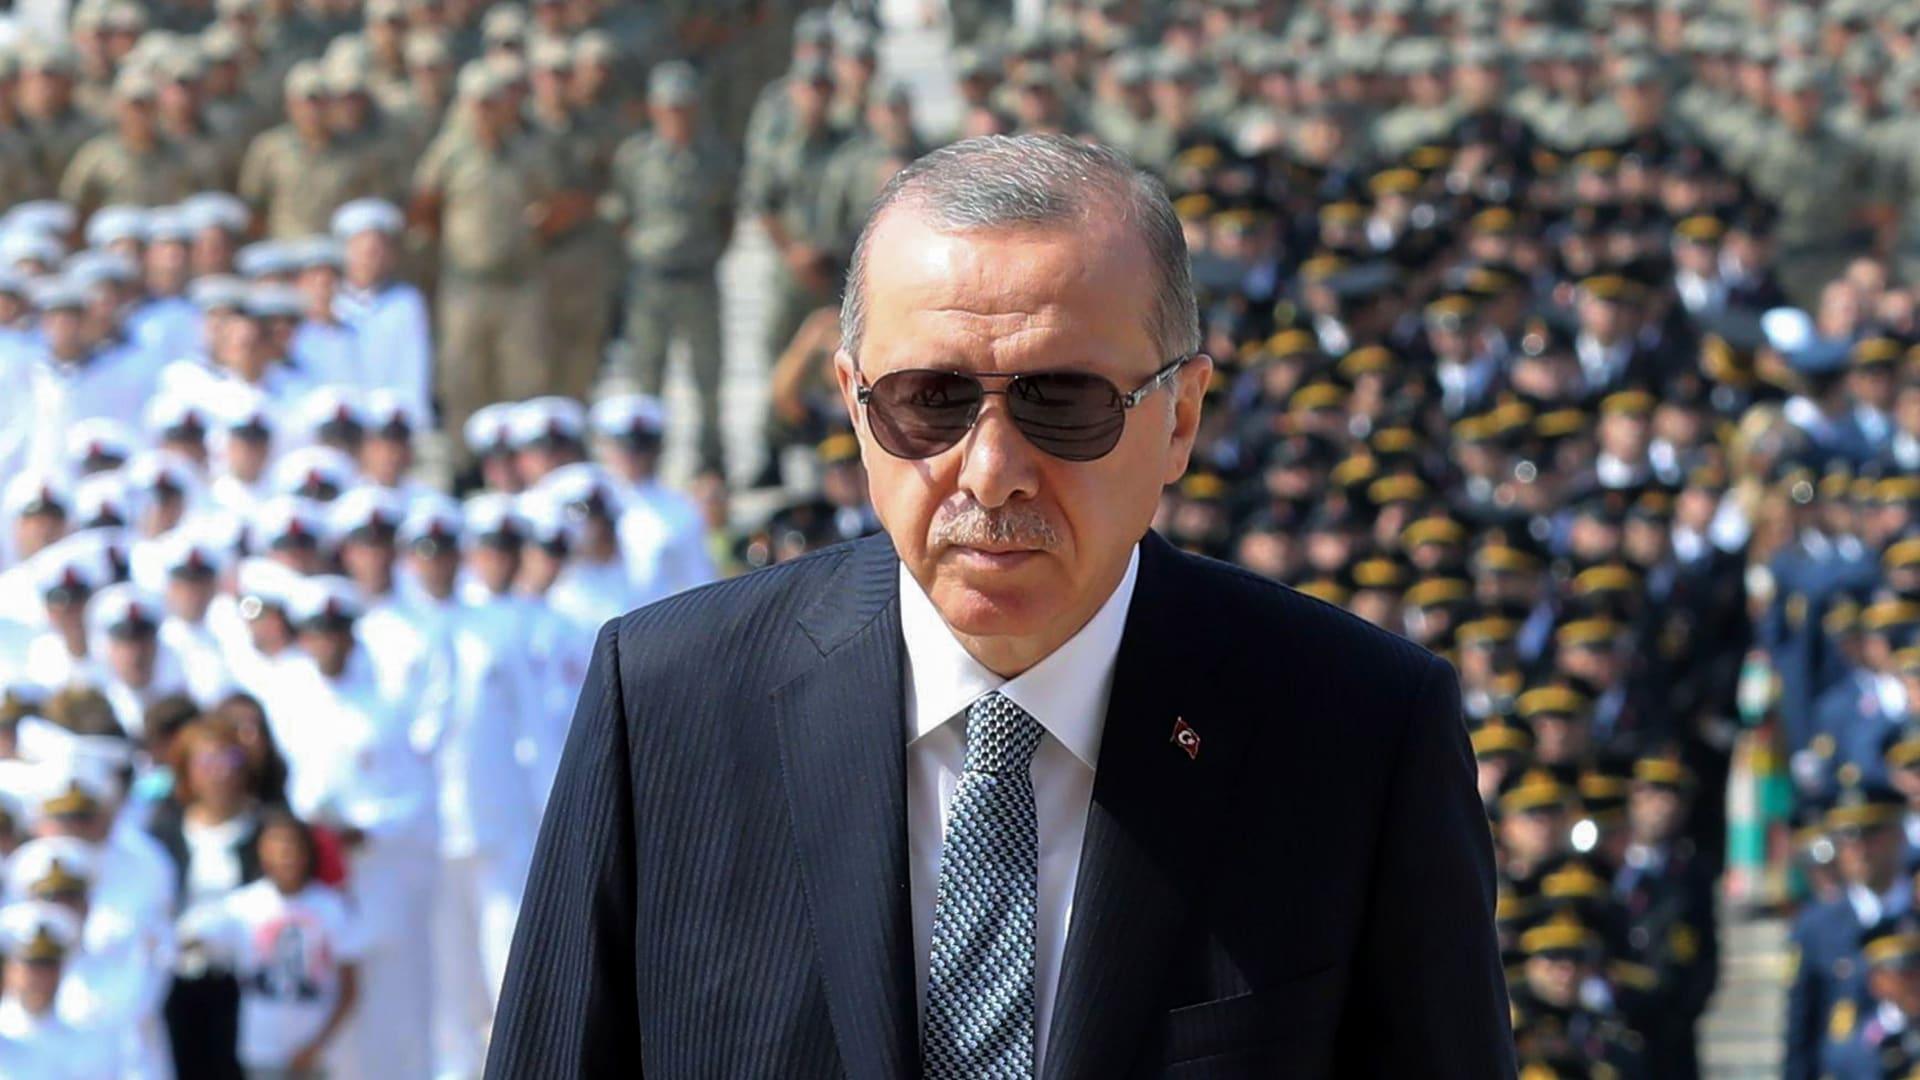 حصرياً.. أردوغان: أمريكا الخاسر بانسحابها من الاتفاق النووي الإيراني